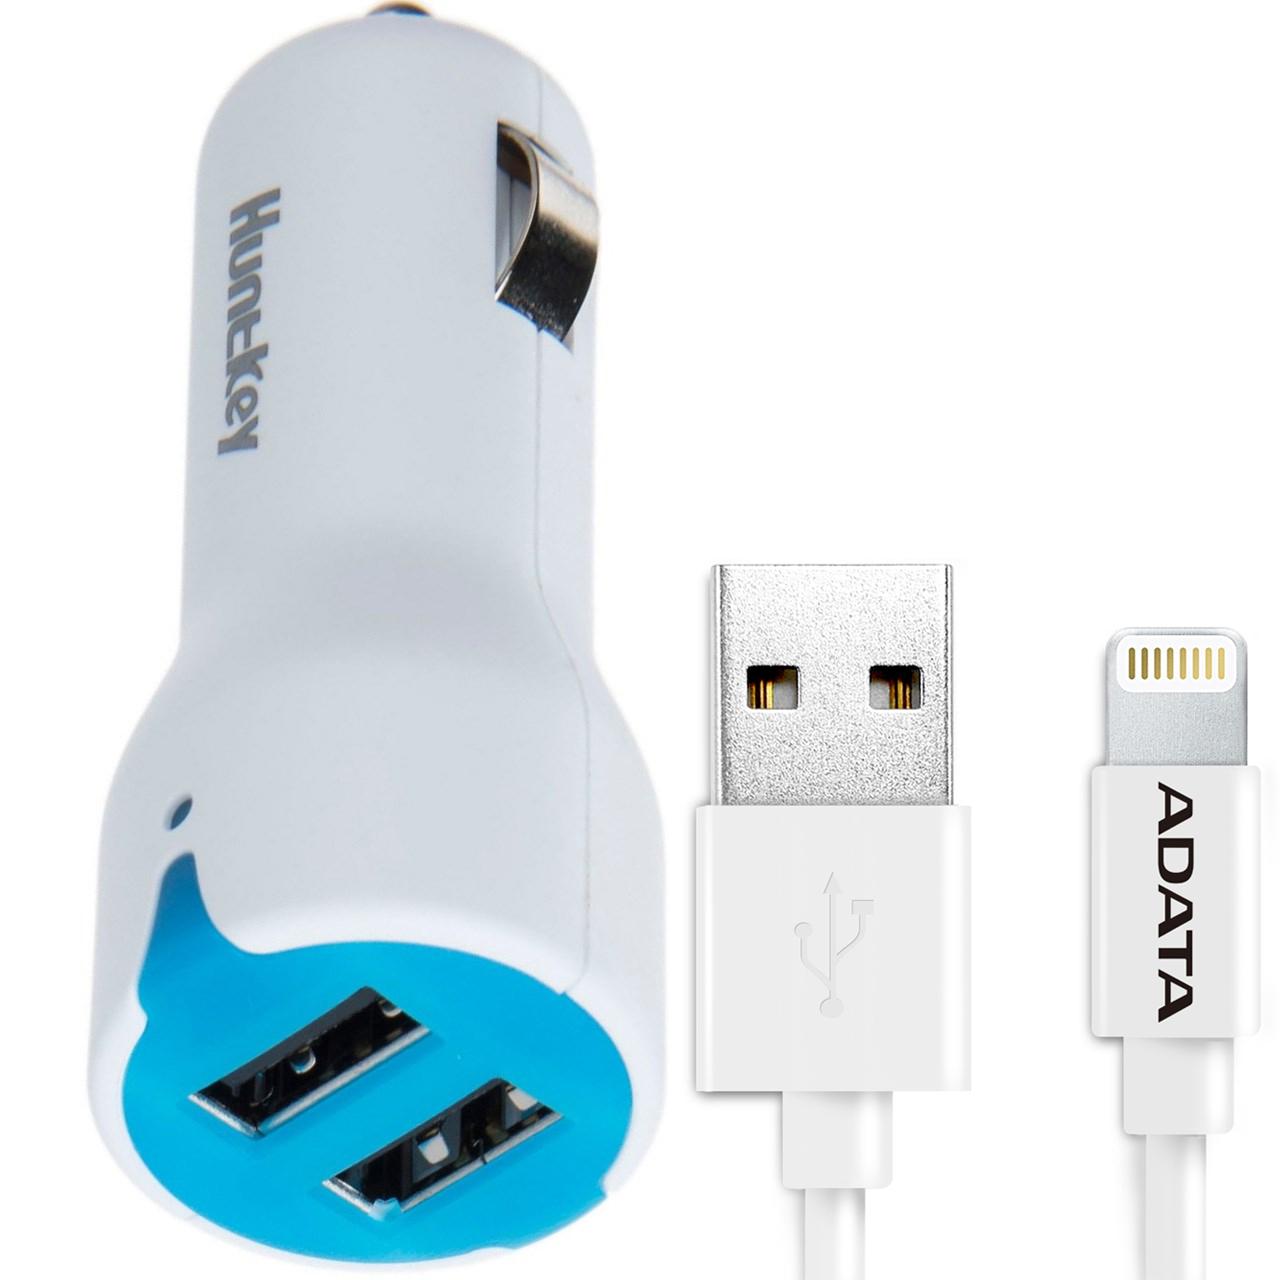 شارژر فندکی هانت کی مدل Carmate D203 همراه با کابل تبدیل USB به لایتنینگ ای دیتا مدل Sync And Charge طول 1 متر